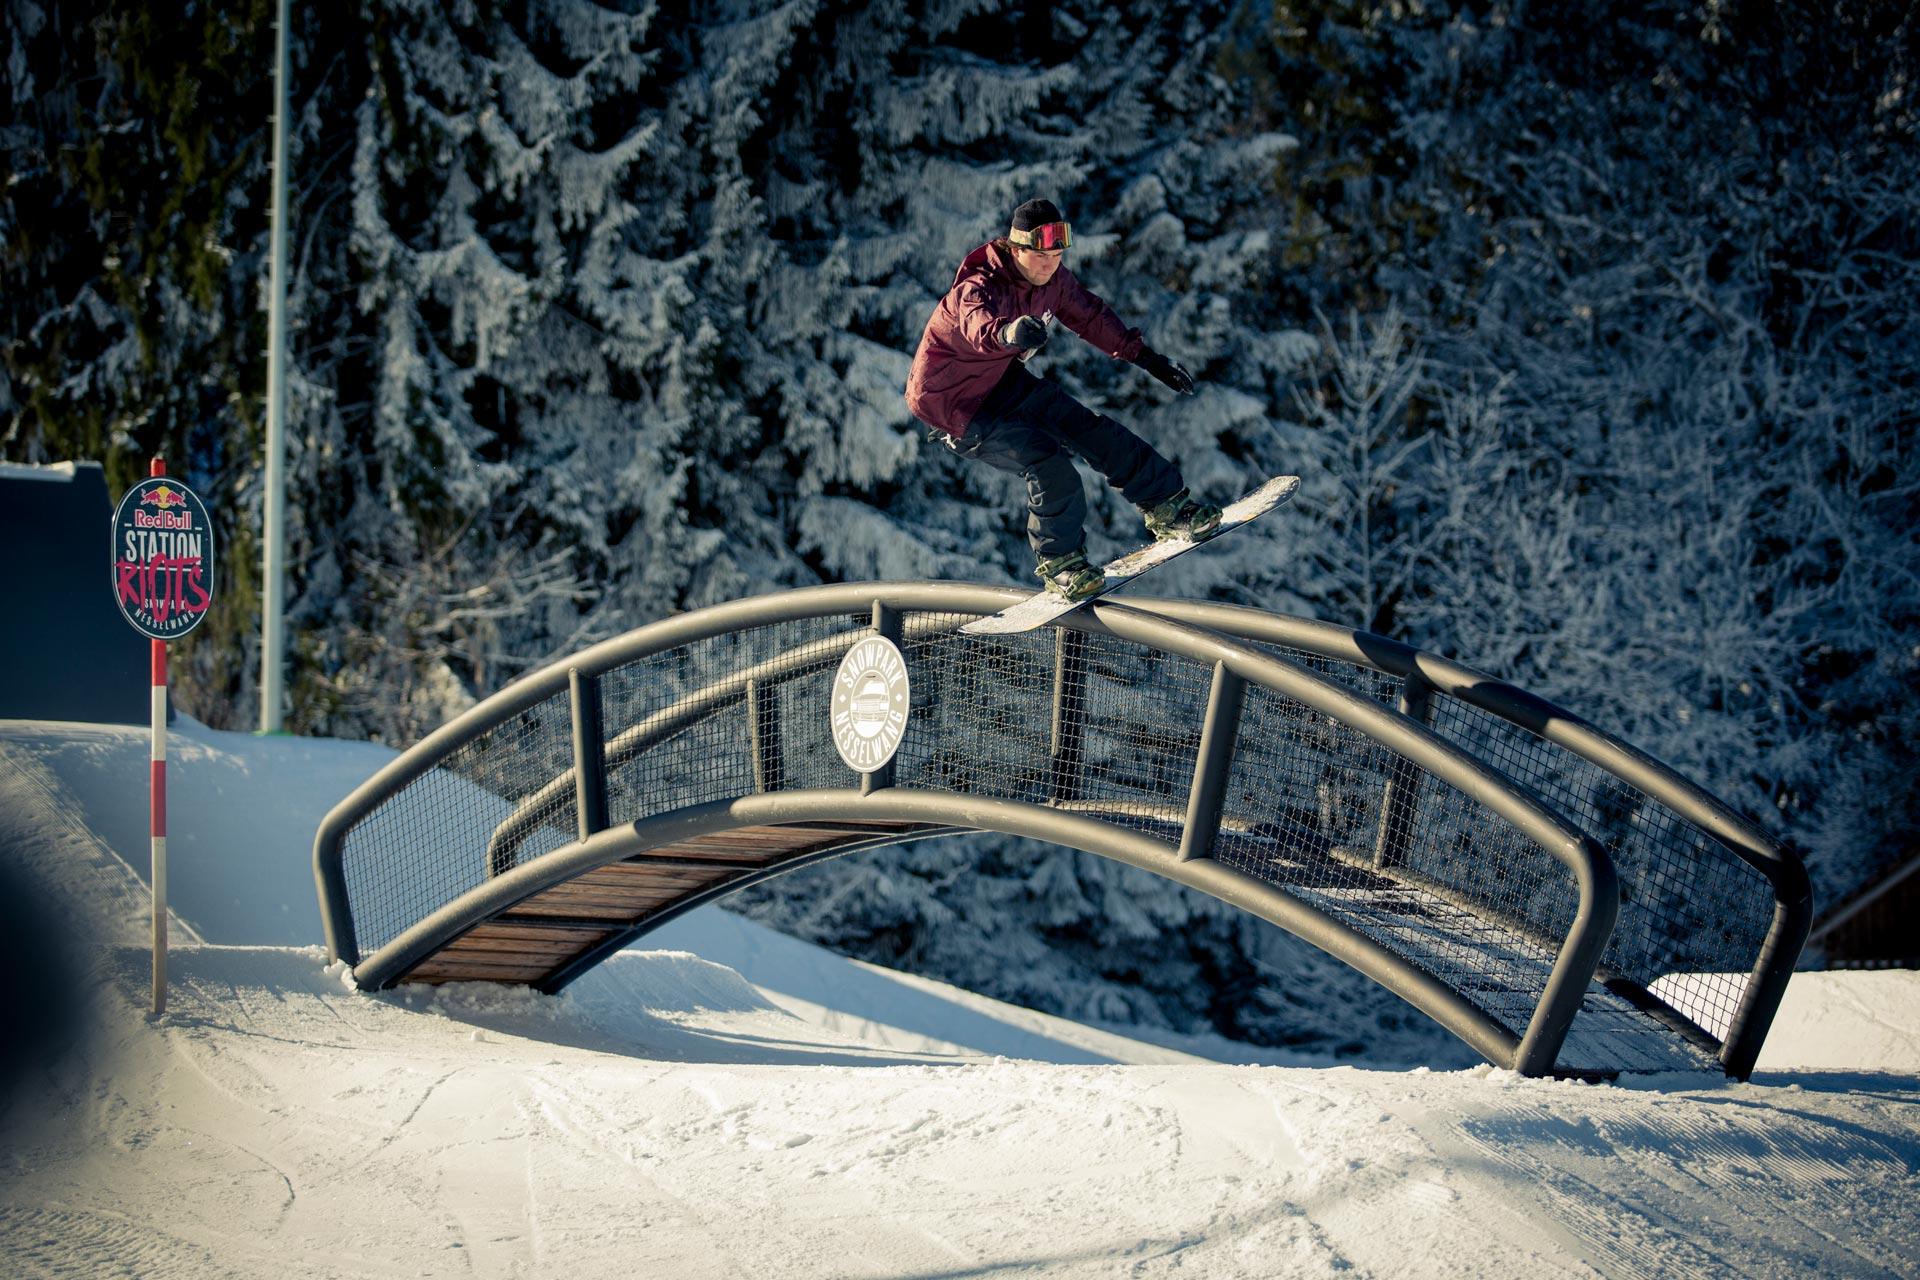 Local Felix Georgii lies sich das Treffen der besten Street-Snowboarder natürlich ebenfalls nicht entgehen. - Foto: Red Bull Content Pool